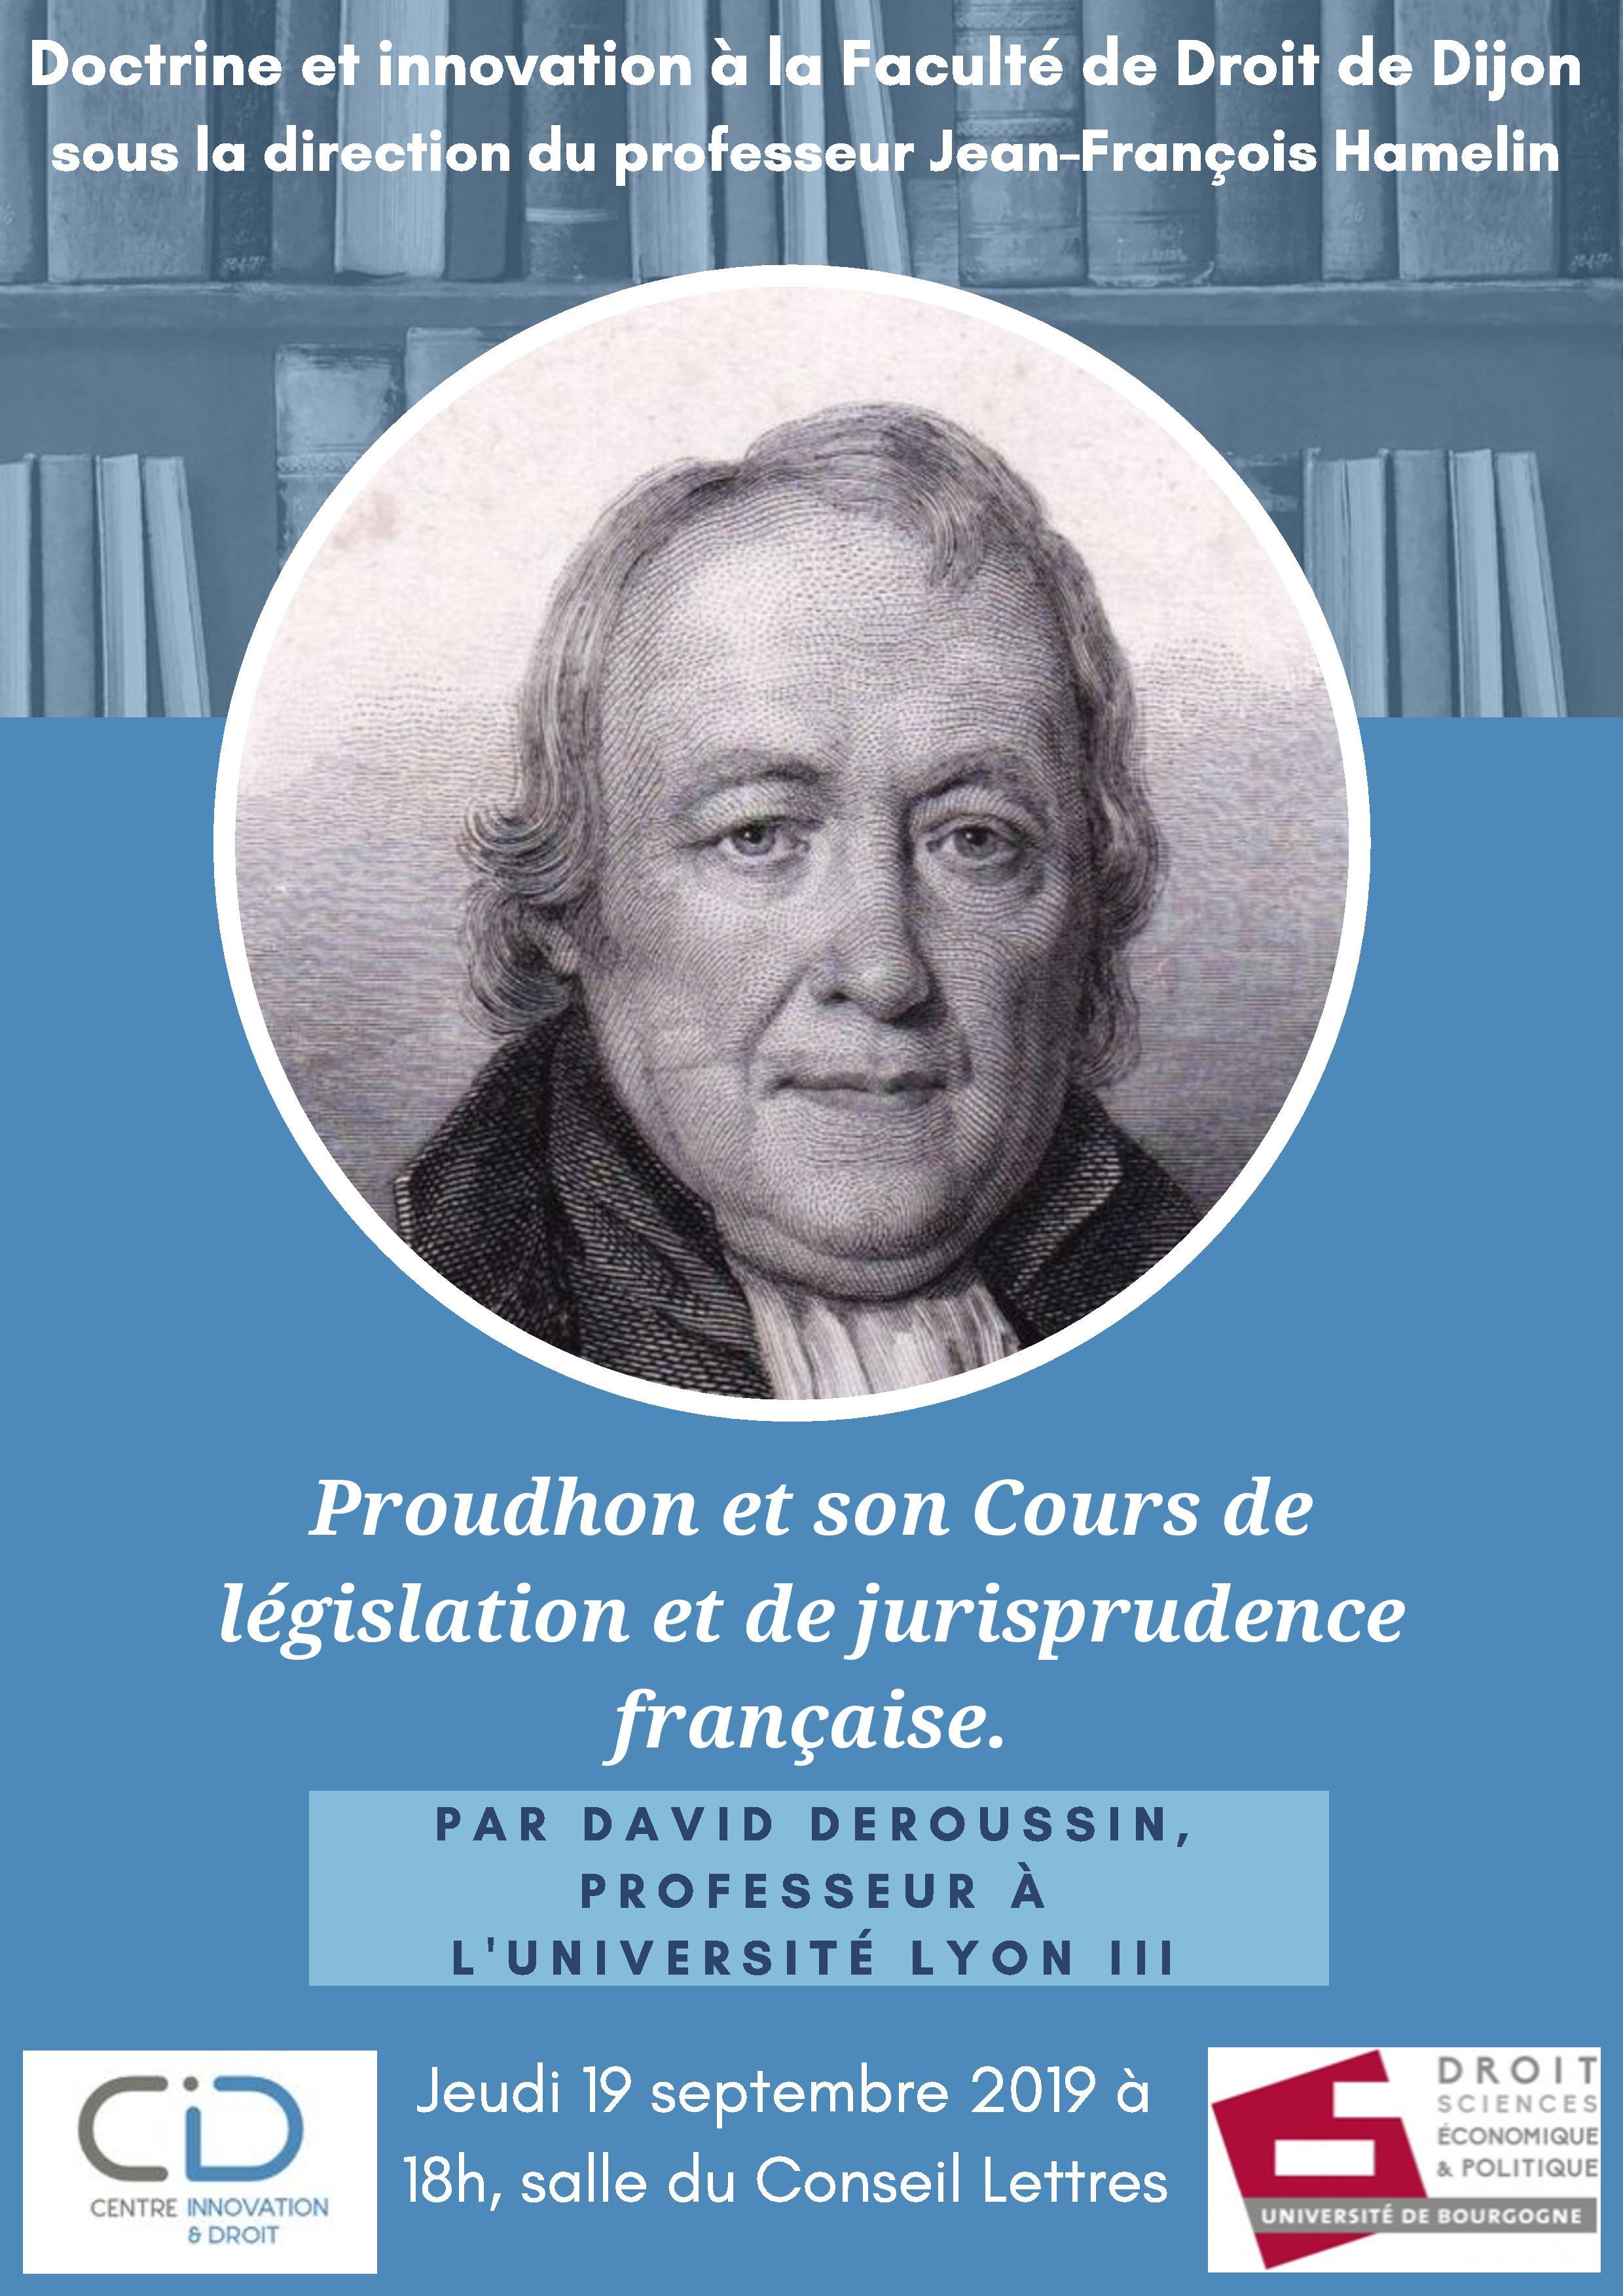 Proudhon et son Cours de législation et de jurisprudence française. 3 page 001